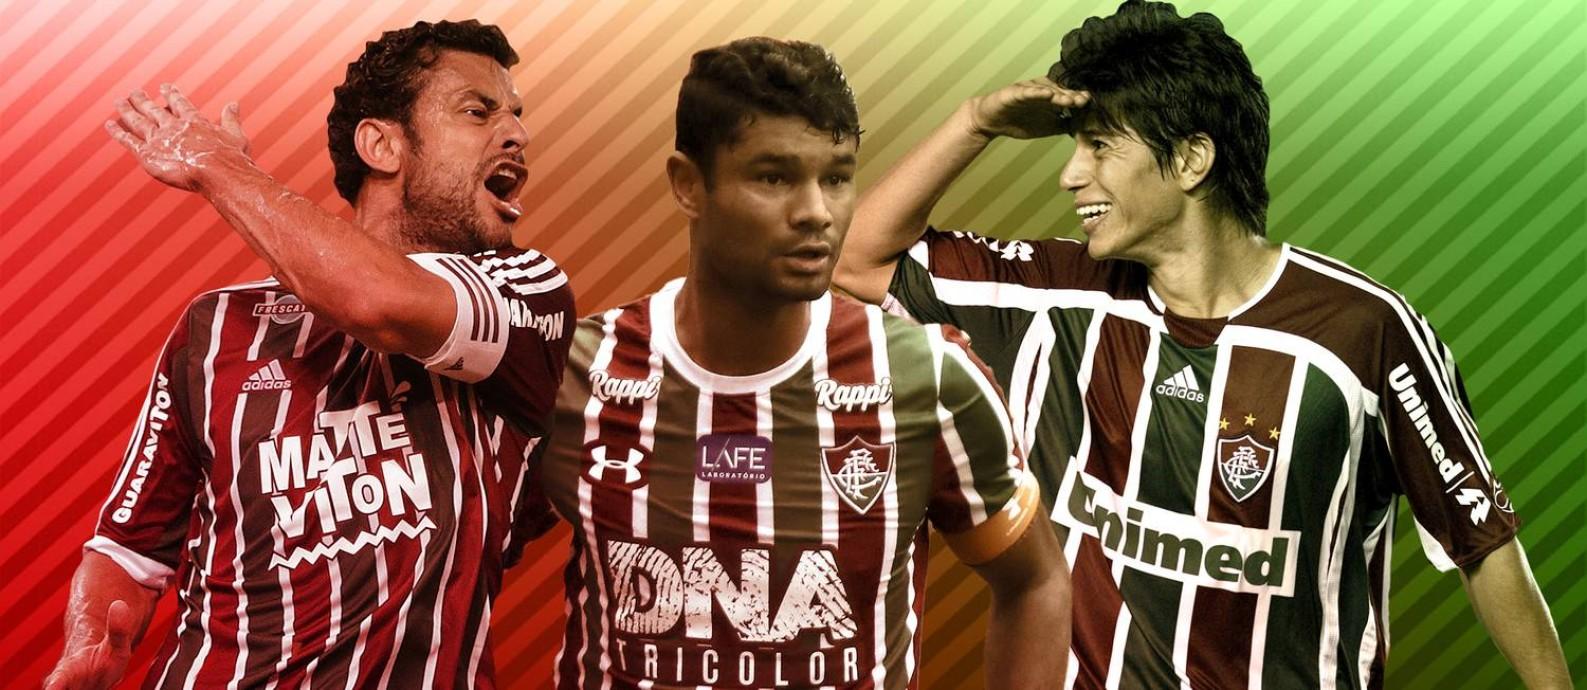 Fred, Gum e Conca estão na seleção do Fluminense nos últimos 10 anos Foto: Editoria de Arte